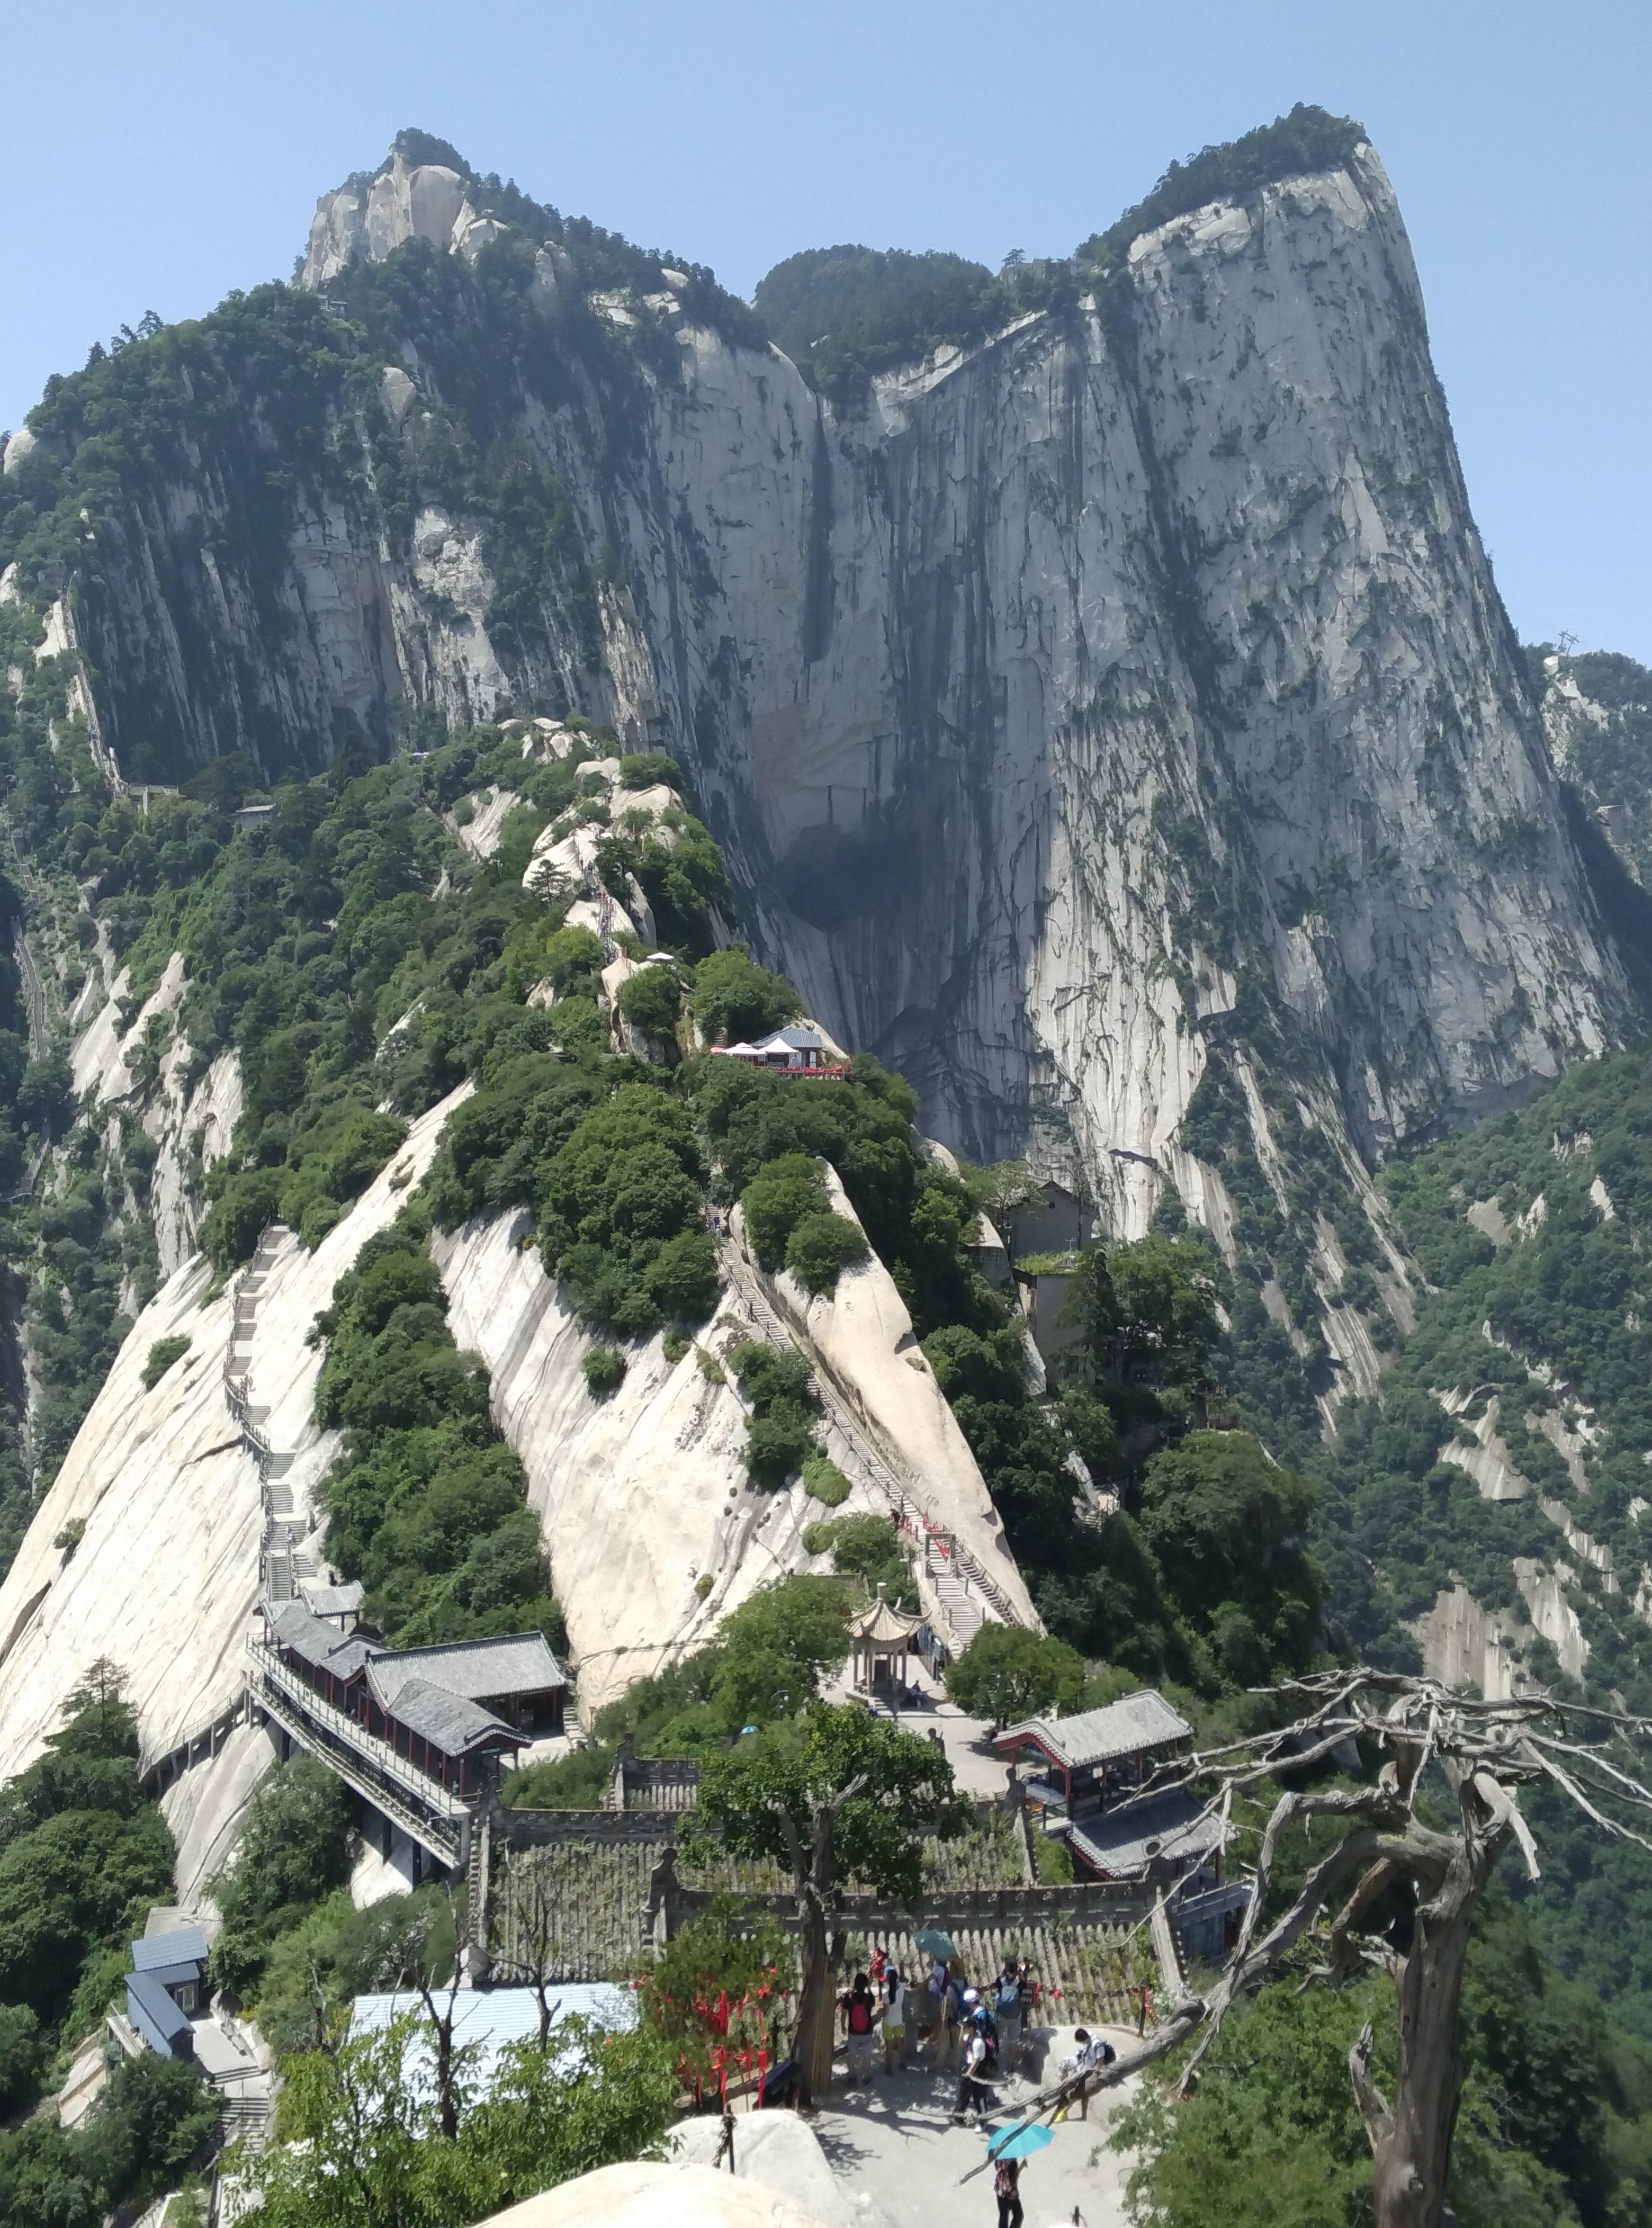 陕西景点门票 渭南景点门票 华山风景名胜区        我们选择北峰上